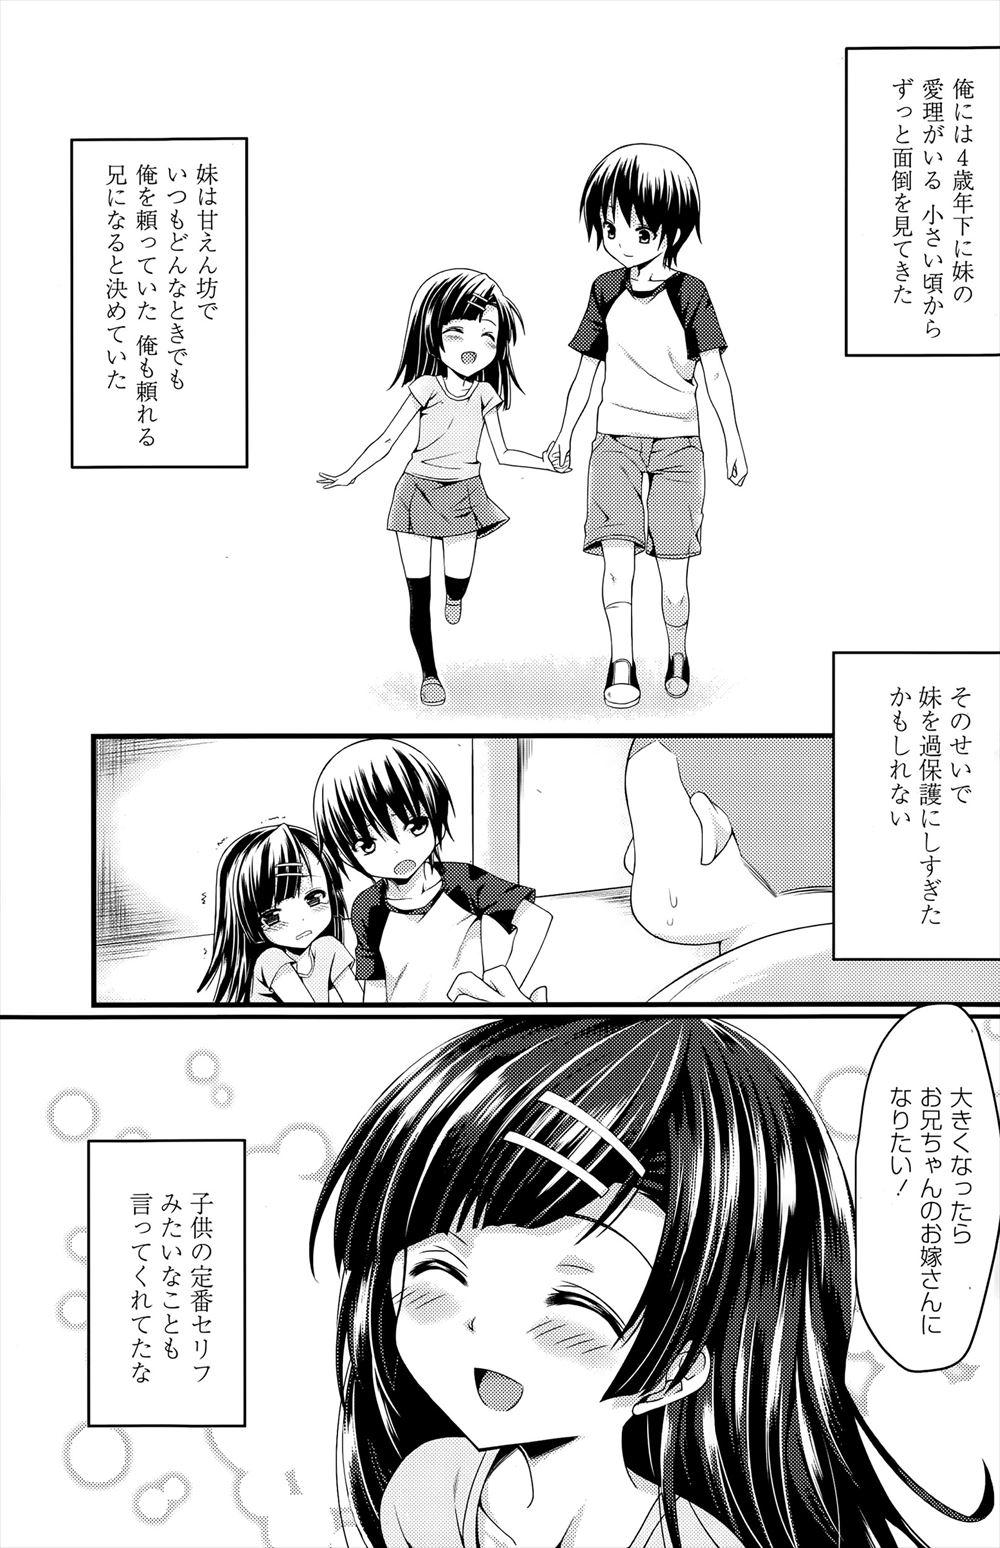 【エロ漫画】甘やかして育てたせいかブラコンになってしまった妹は一人暮らしをしてもついてきて、ついに一線を越える☆